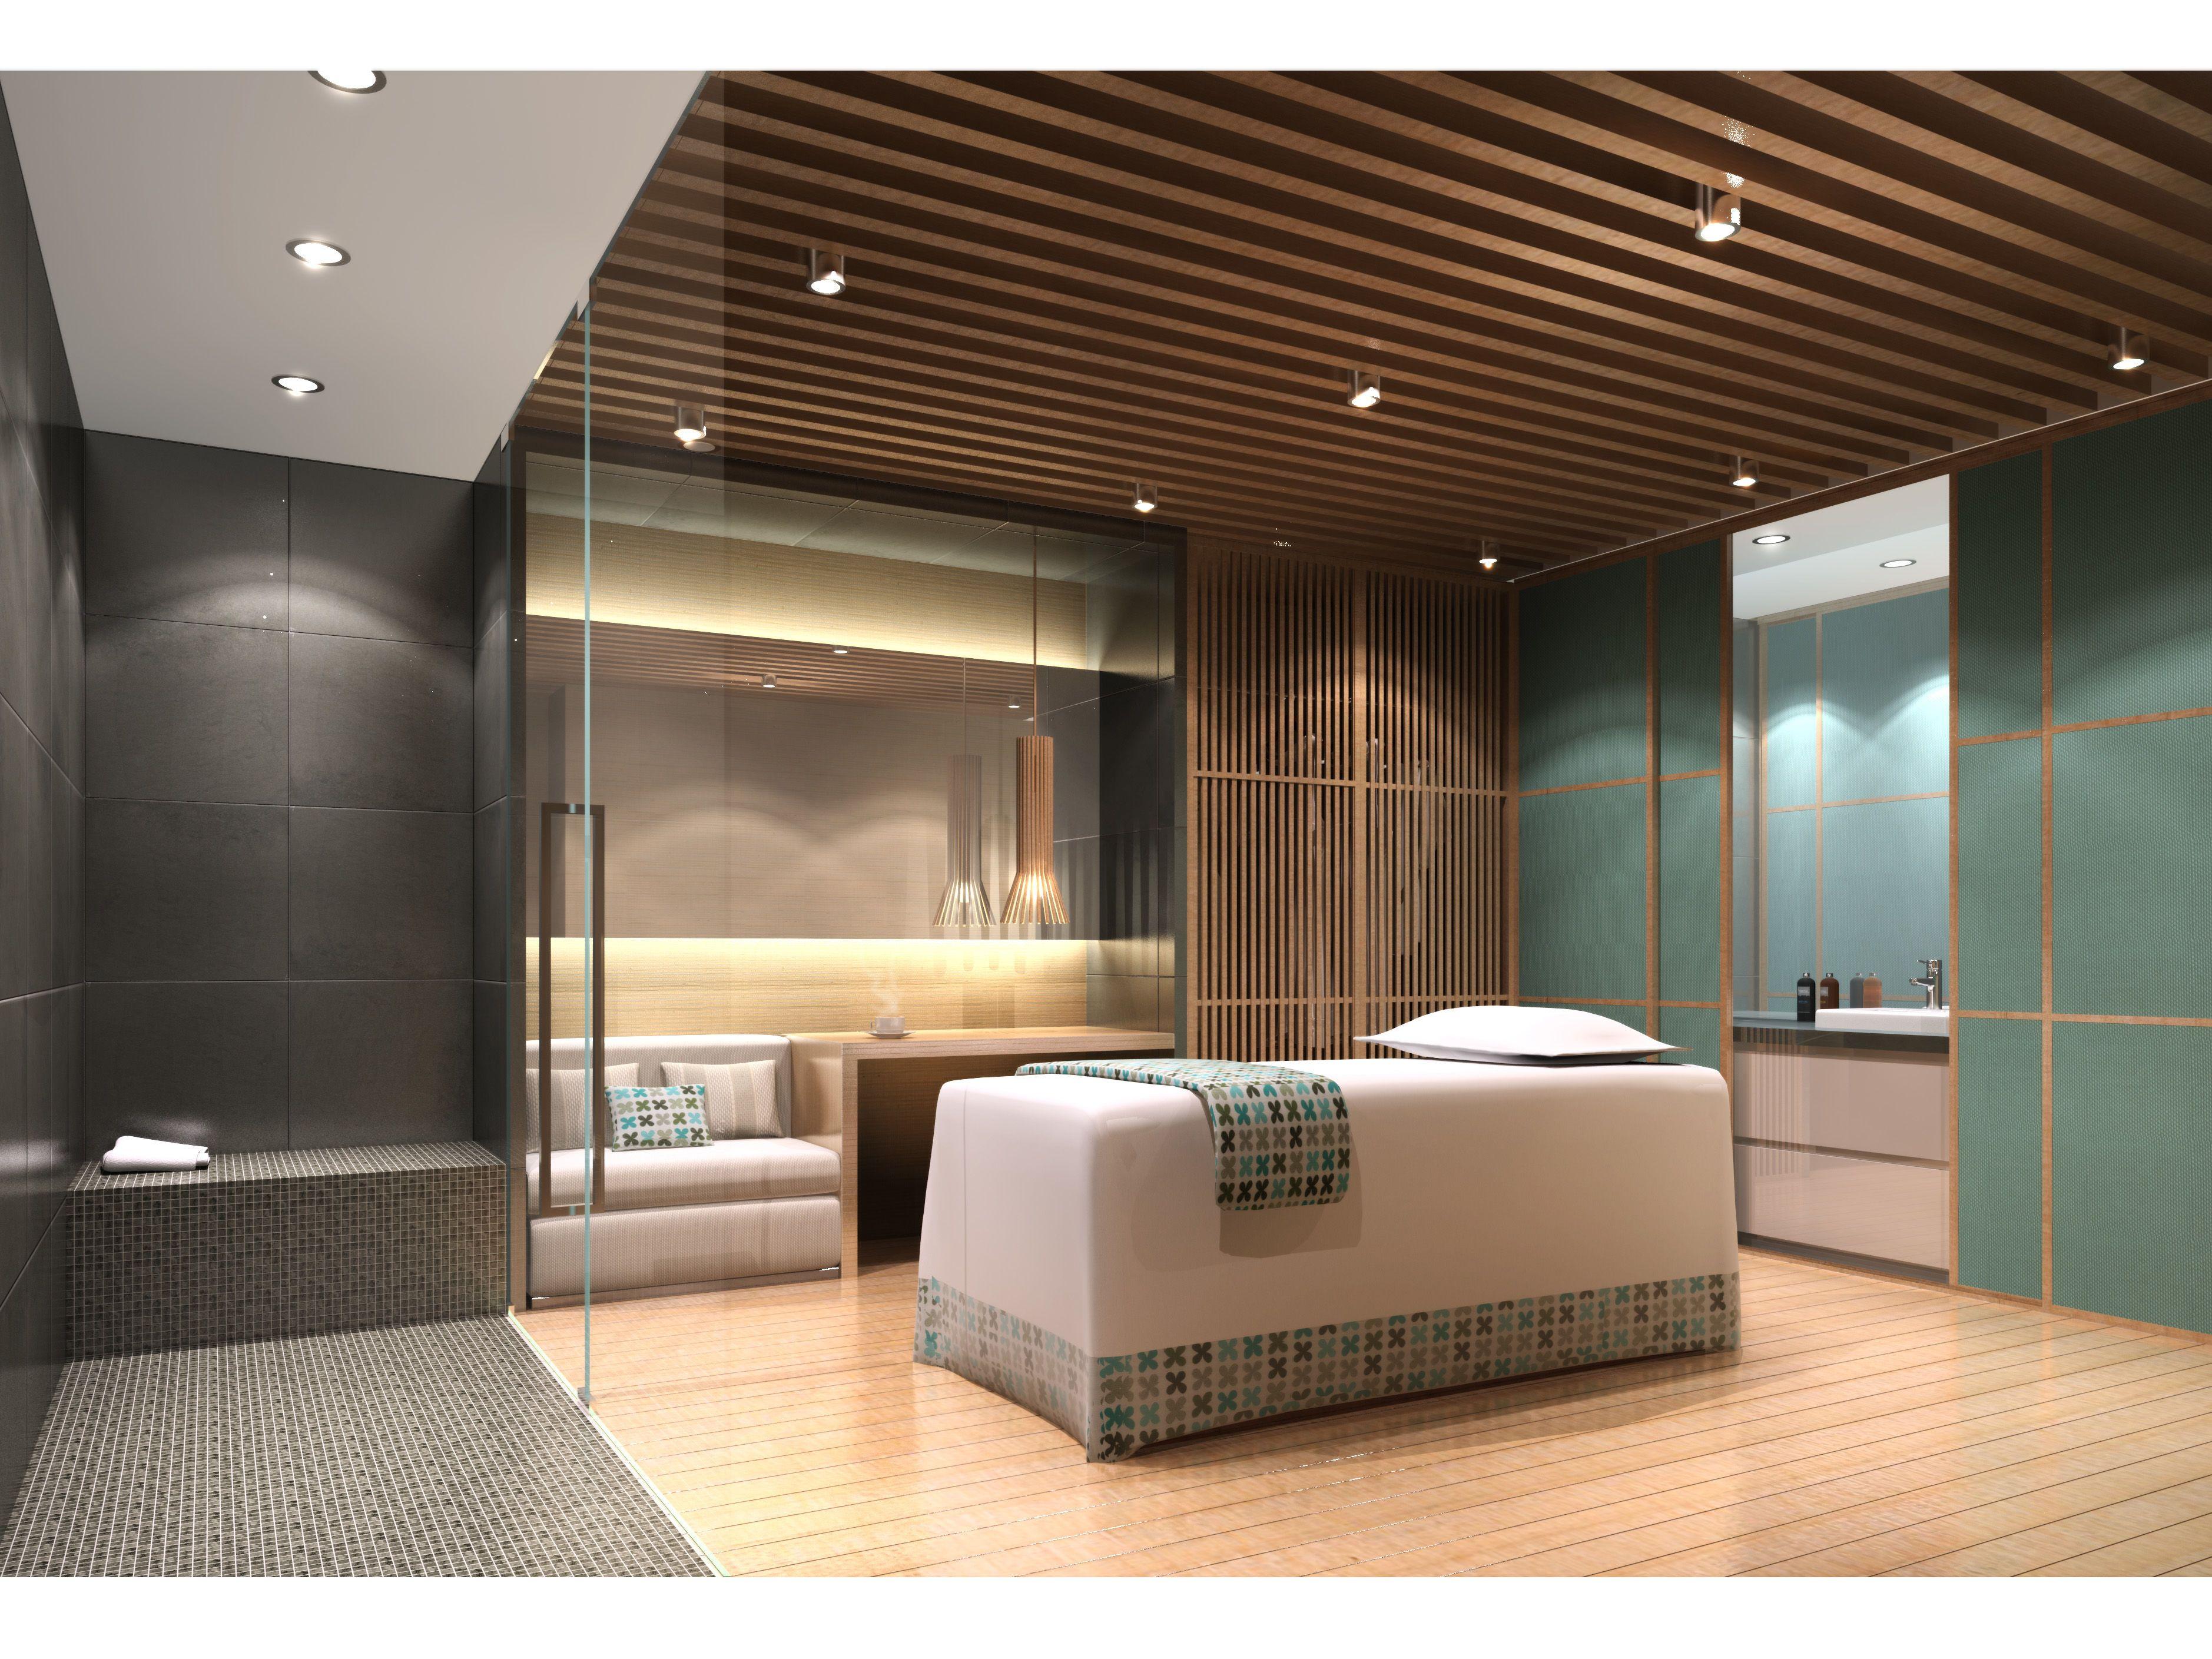 Home And Interior Design Software For Mac Interior Design